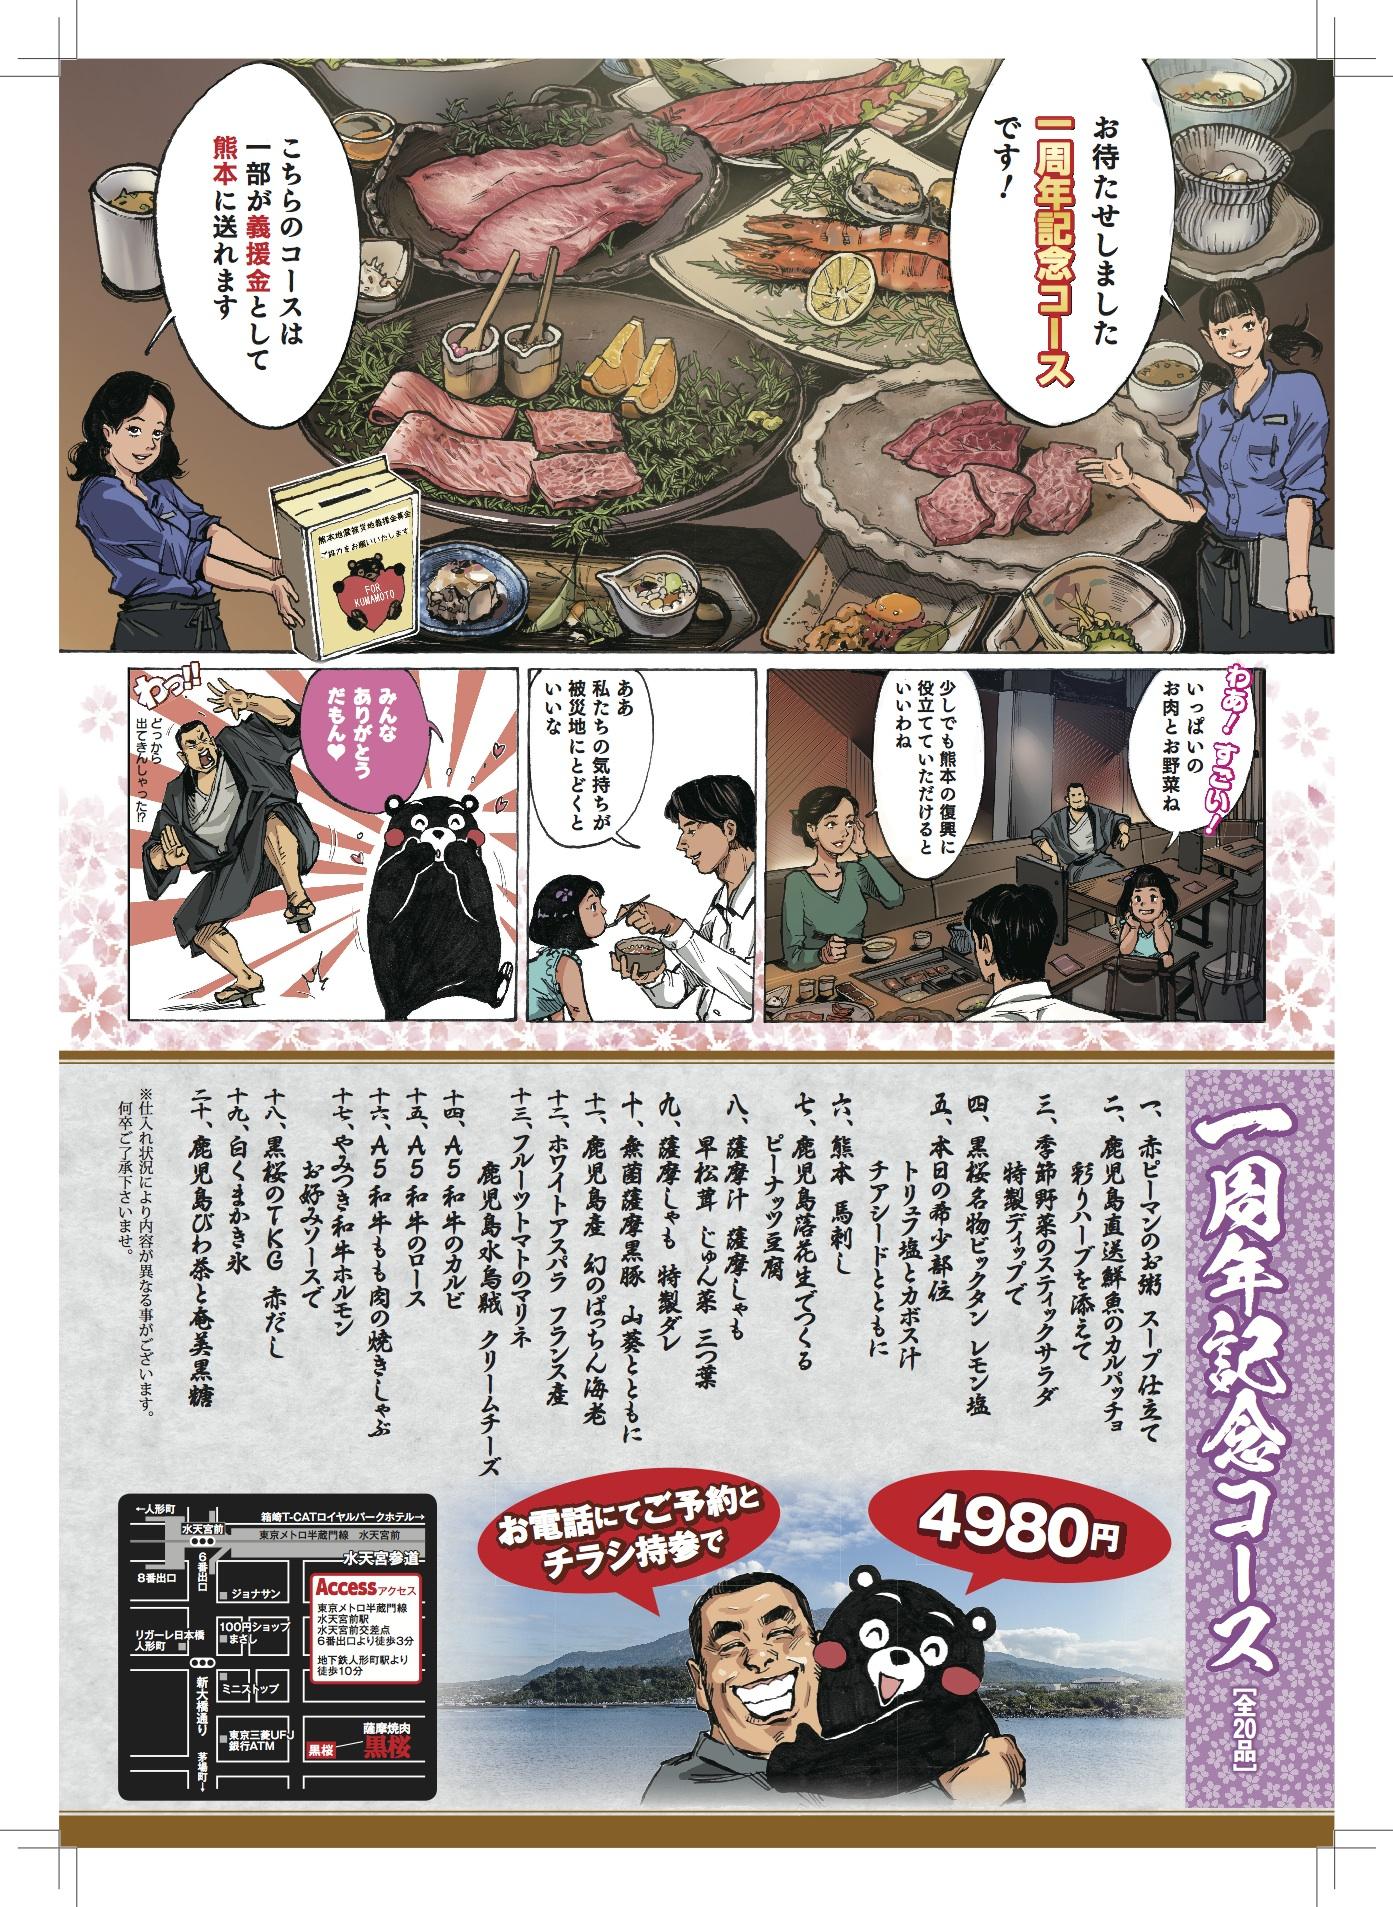 漫画チラシ制作実績 薩摩焼肉黒桜様